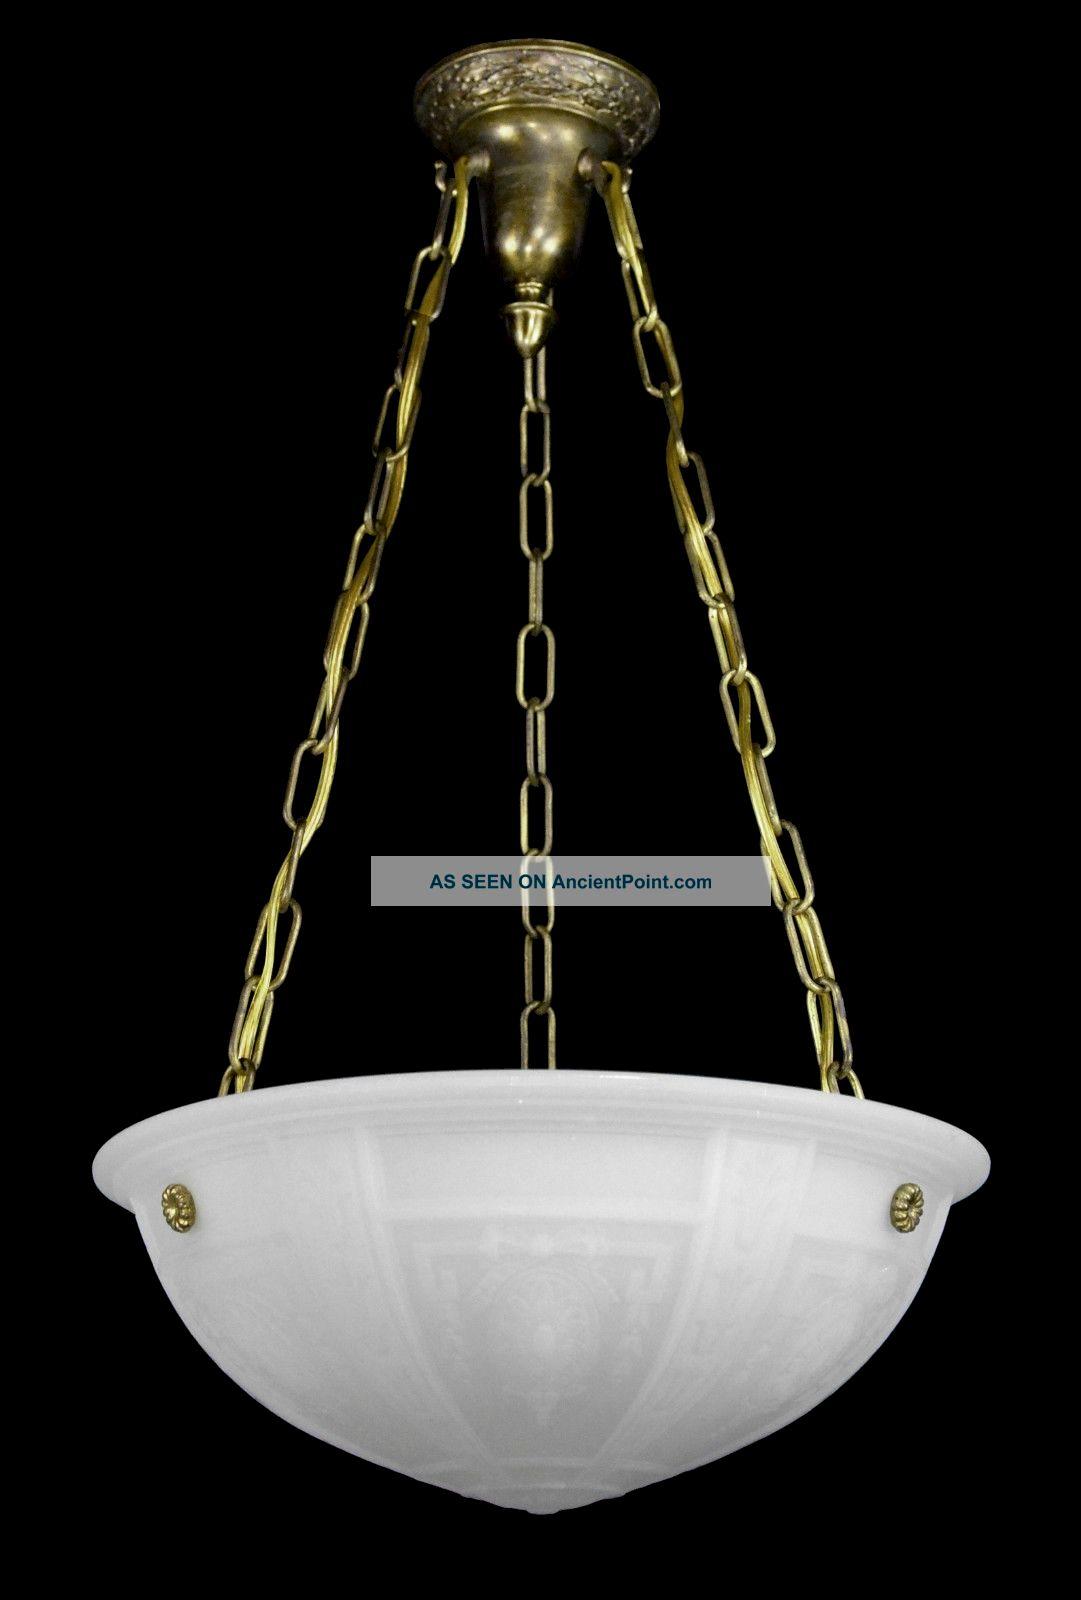 Elegant Gold Bathroom Faucet Wallpaper - Bathroom Design Ideas ...